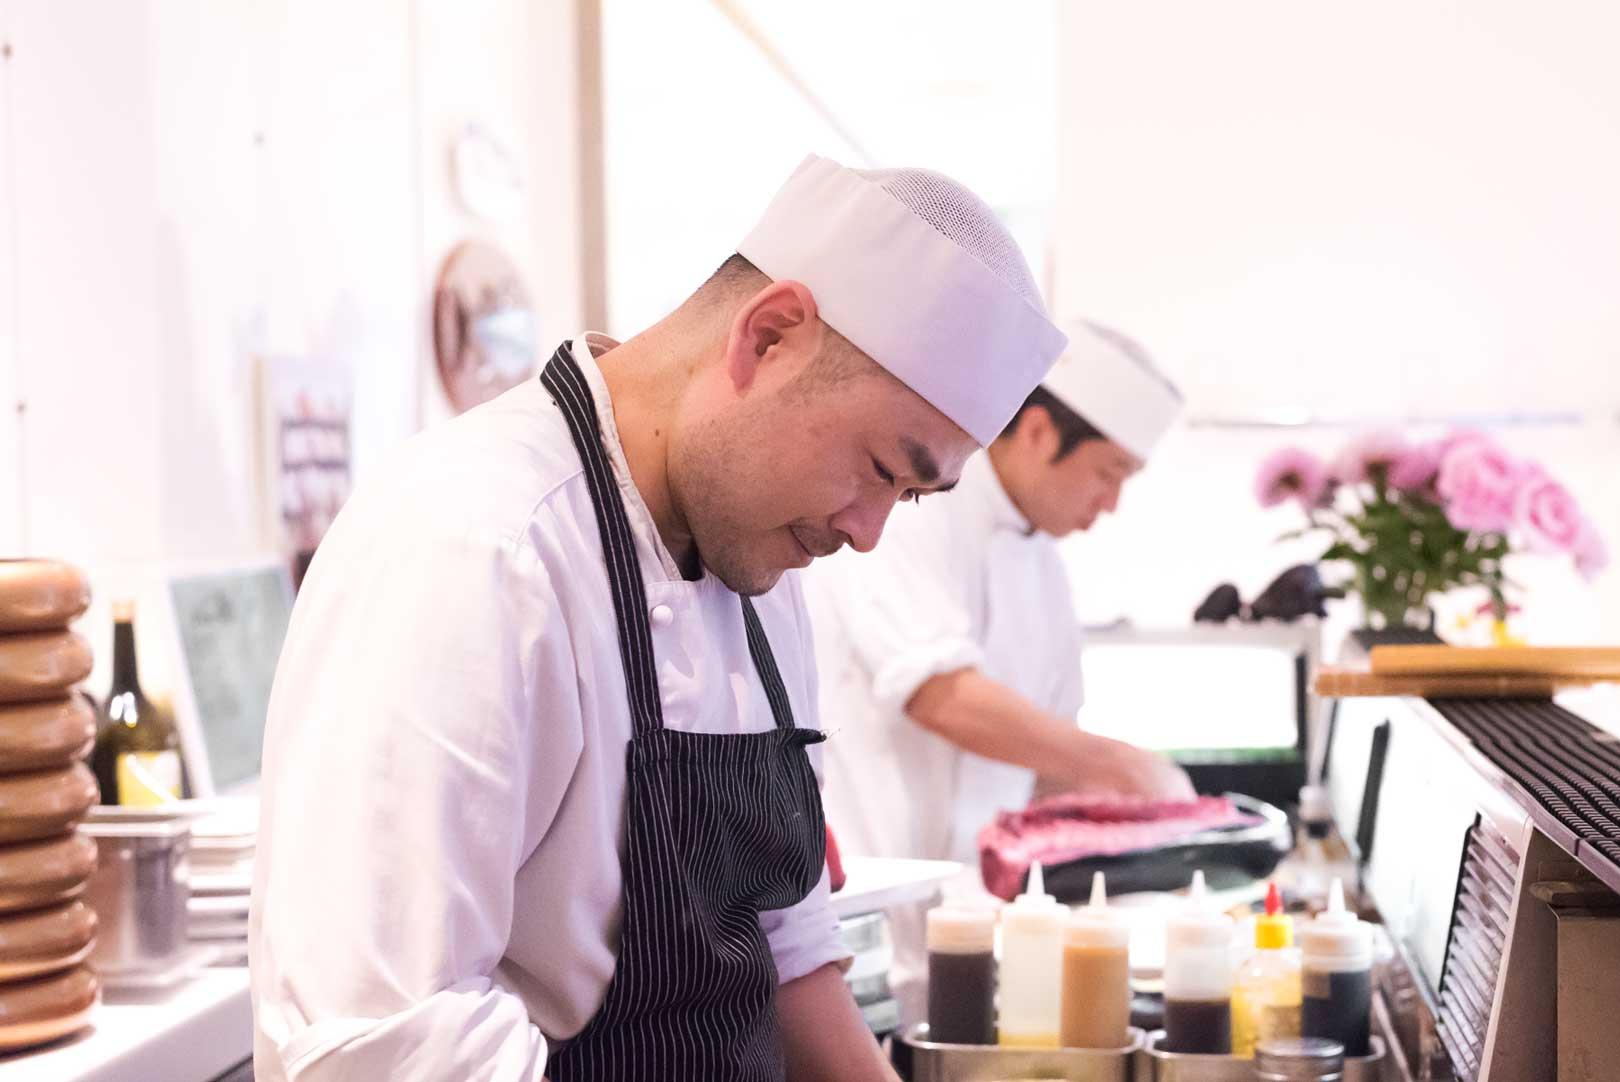 Yoshi ristorante giapponese autentico flawless milano for En ristorante giapponese